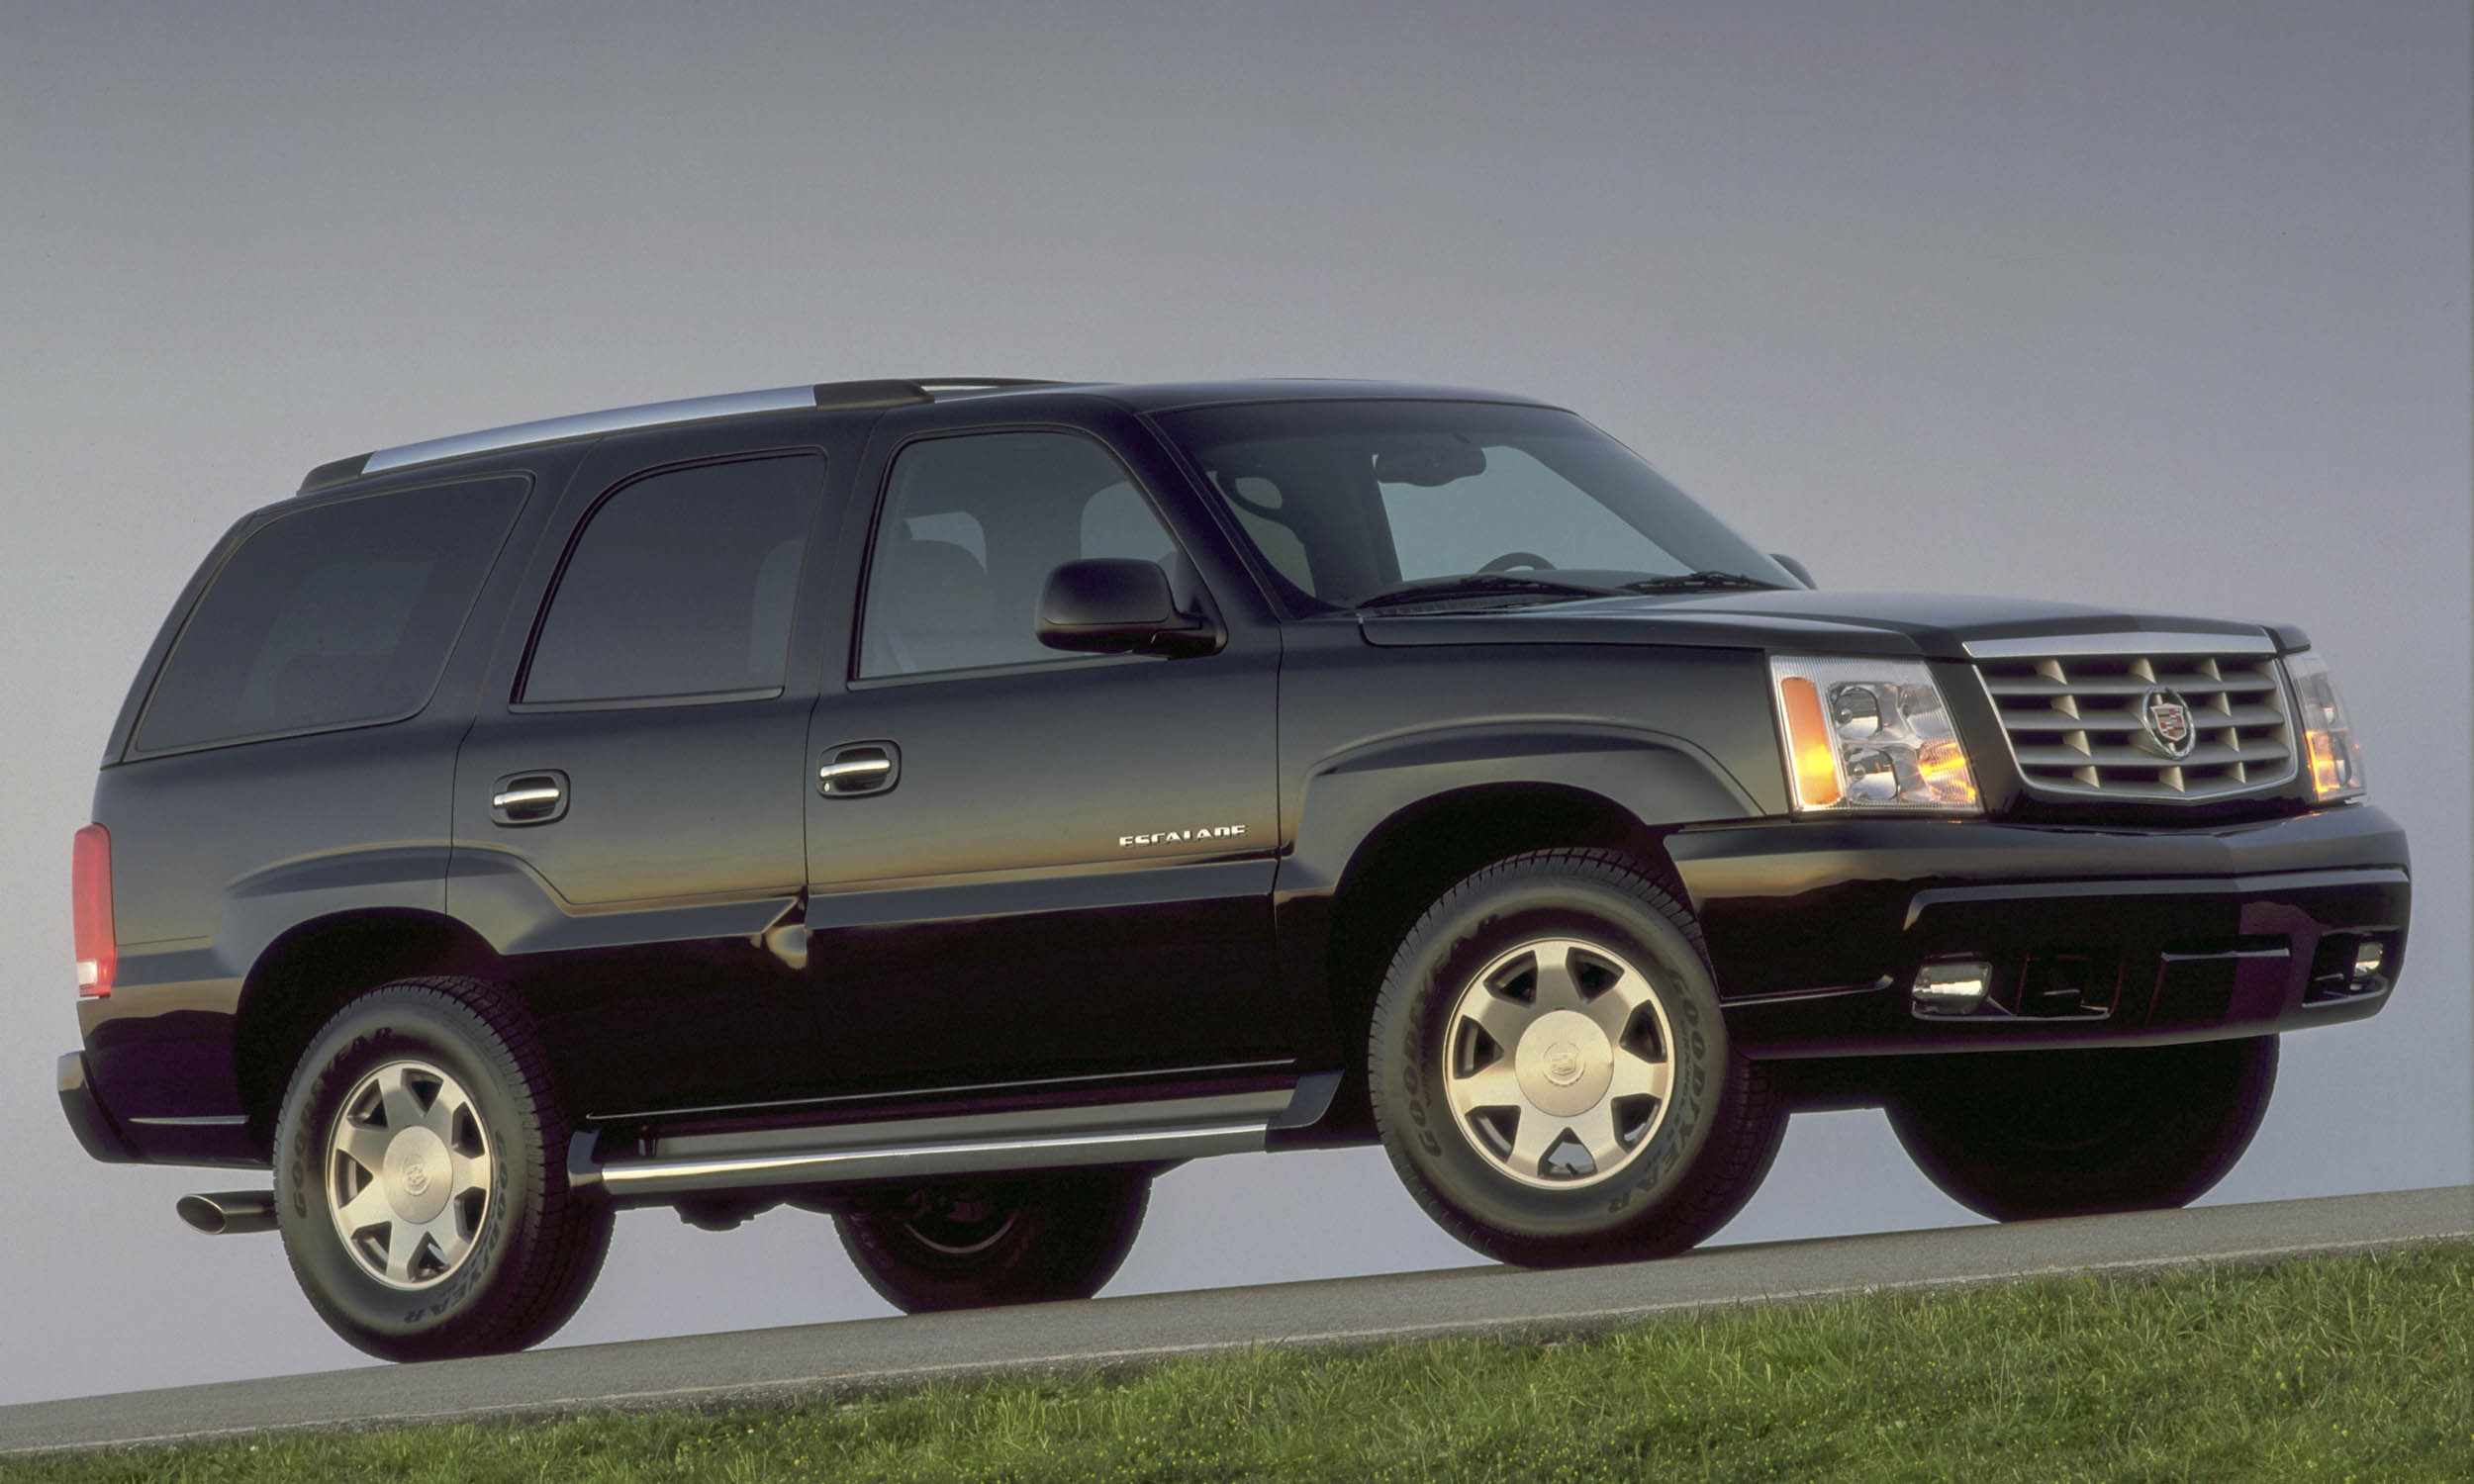 Autocontentexp Com Cadillac Escalade A Ee D A B A A on Cadillac V8 Mid Engine 911